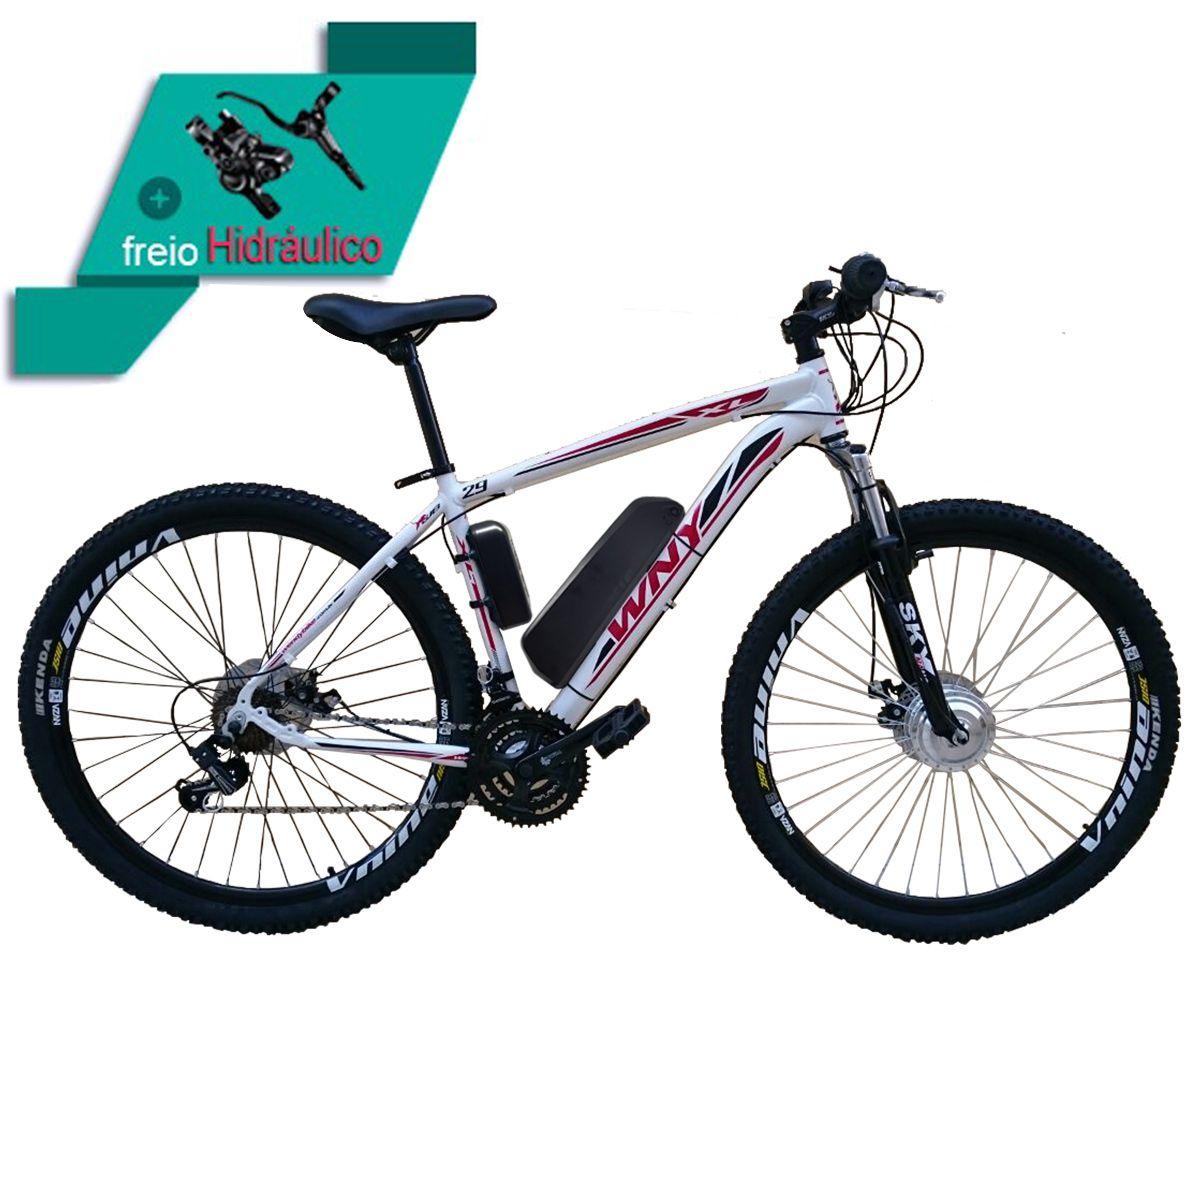 Bicicletas Elétrica Aro 29 Aluminio Bateria de Litio TecUltra - 500 watts